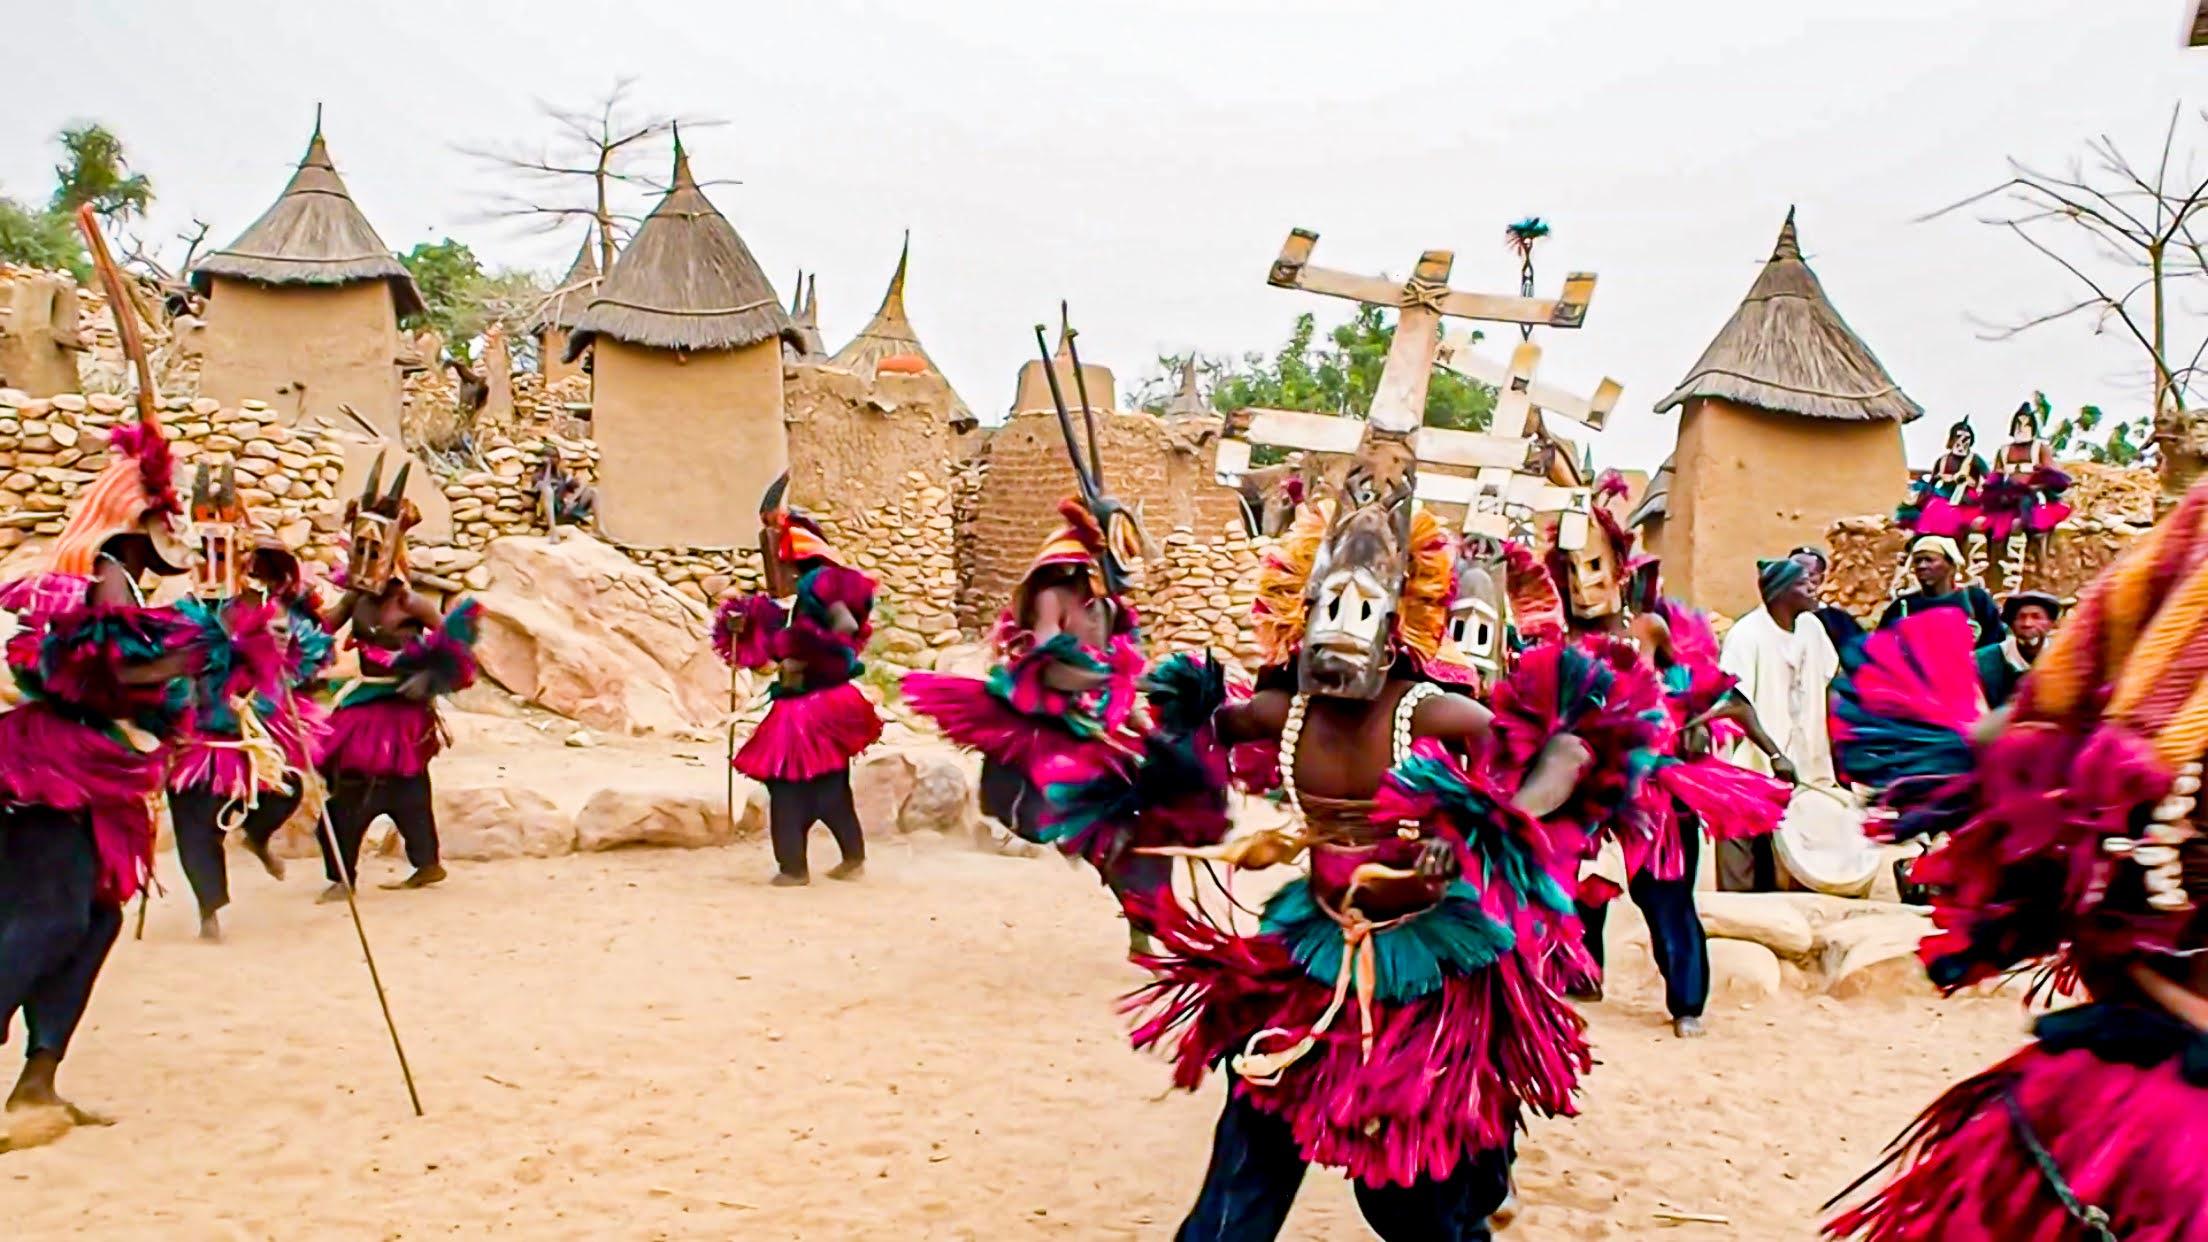 88カ国のお祭りを巡る奇祭ハンターちよ子が体験が感じた、世界と日本のギャップ